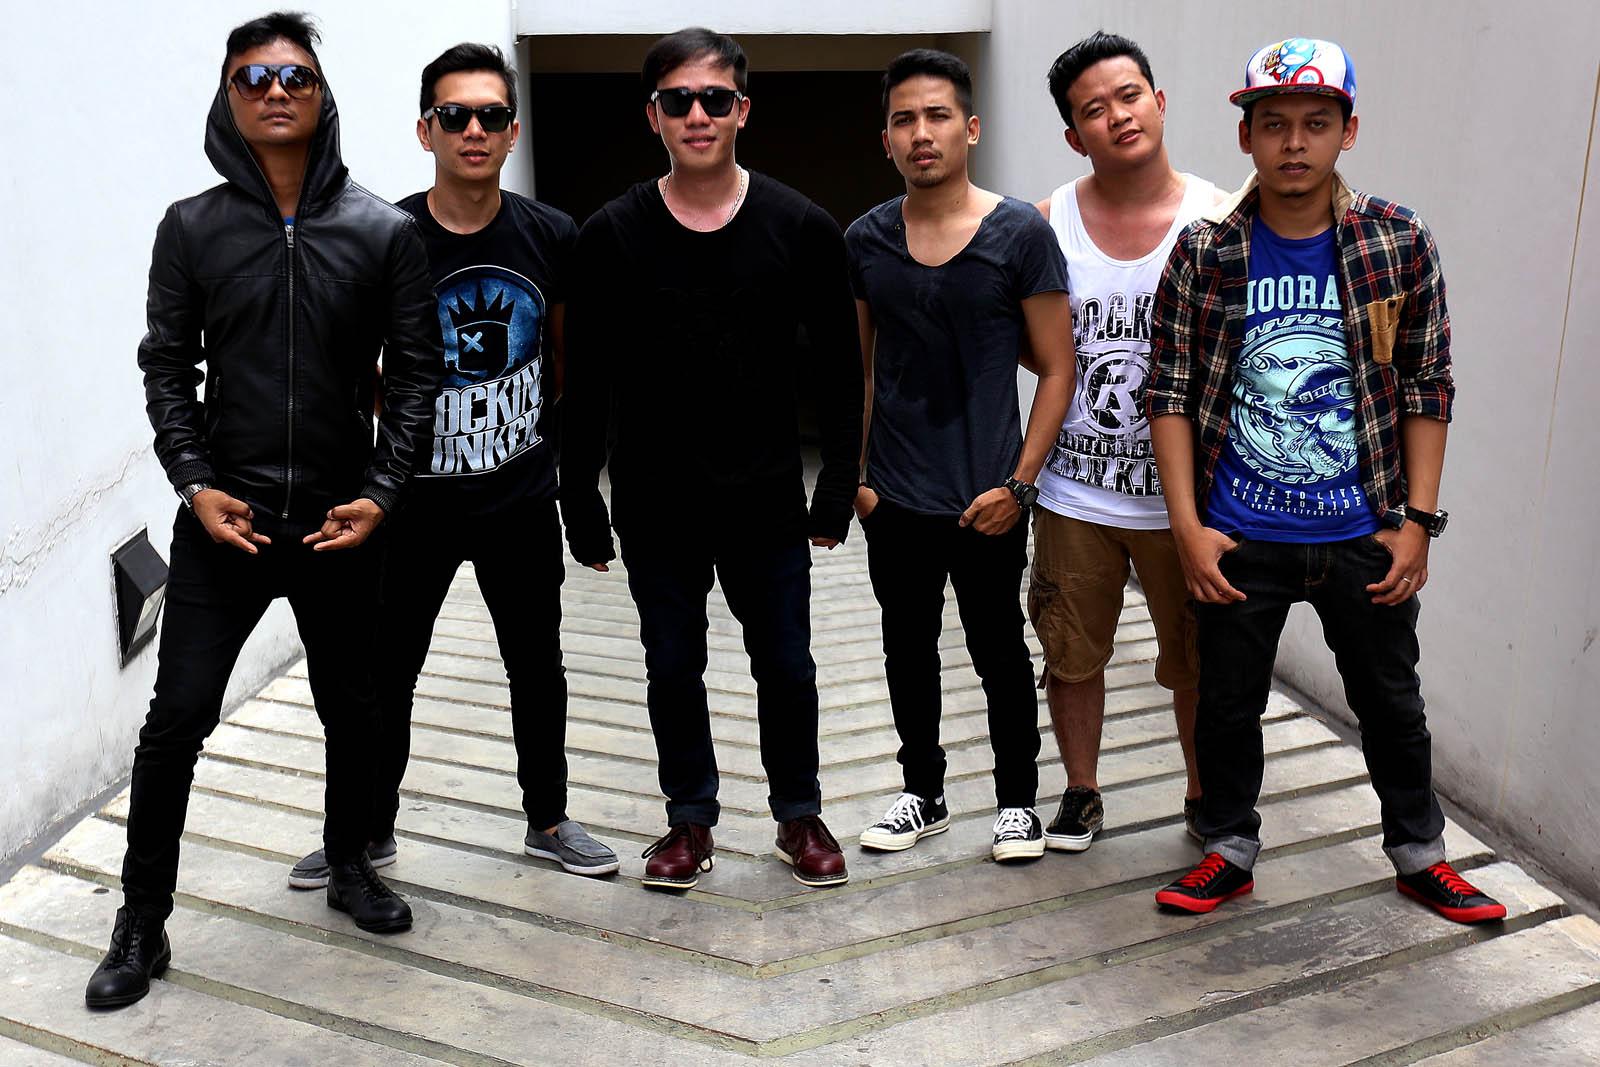 Band yang resmi terbentuk 24 Maret 2004 dan bermarkas di kota Bogor.